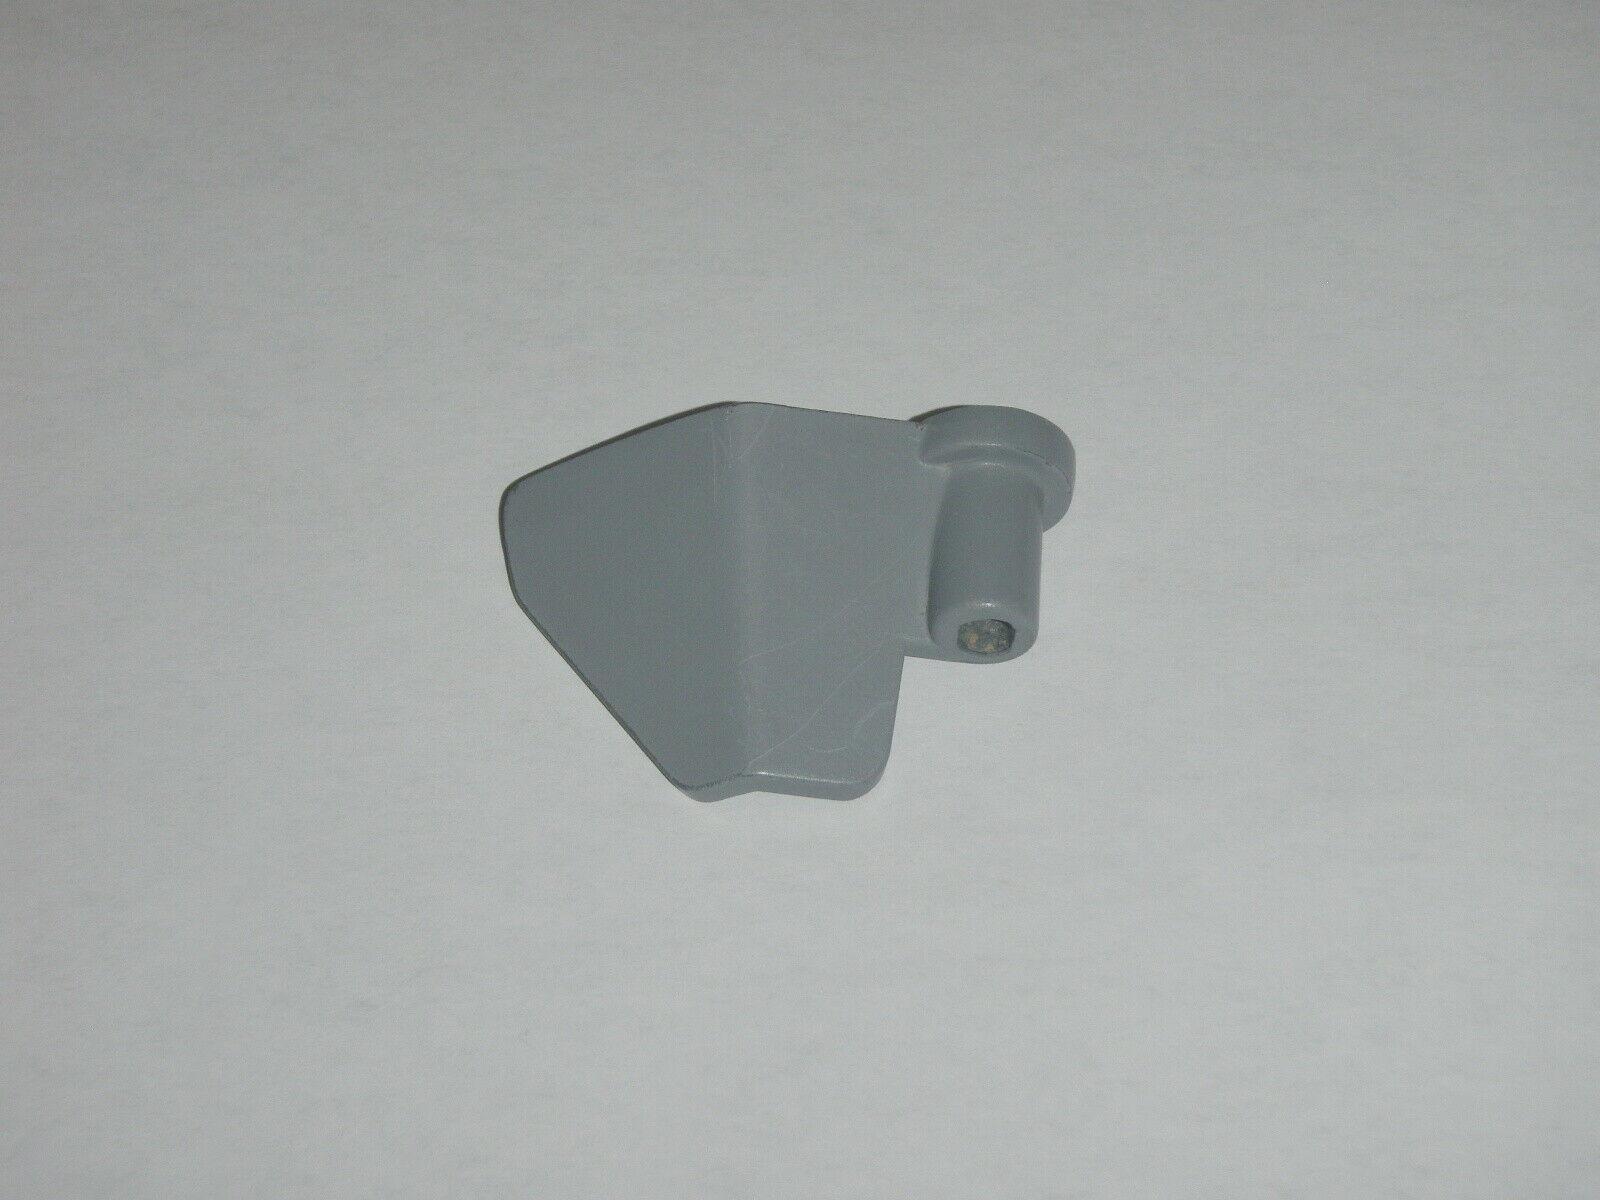 Farberware Bread Maker Original Paddle for Models FTR700 (OEM) FTR700DL (2)